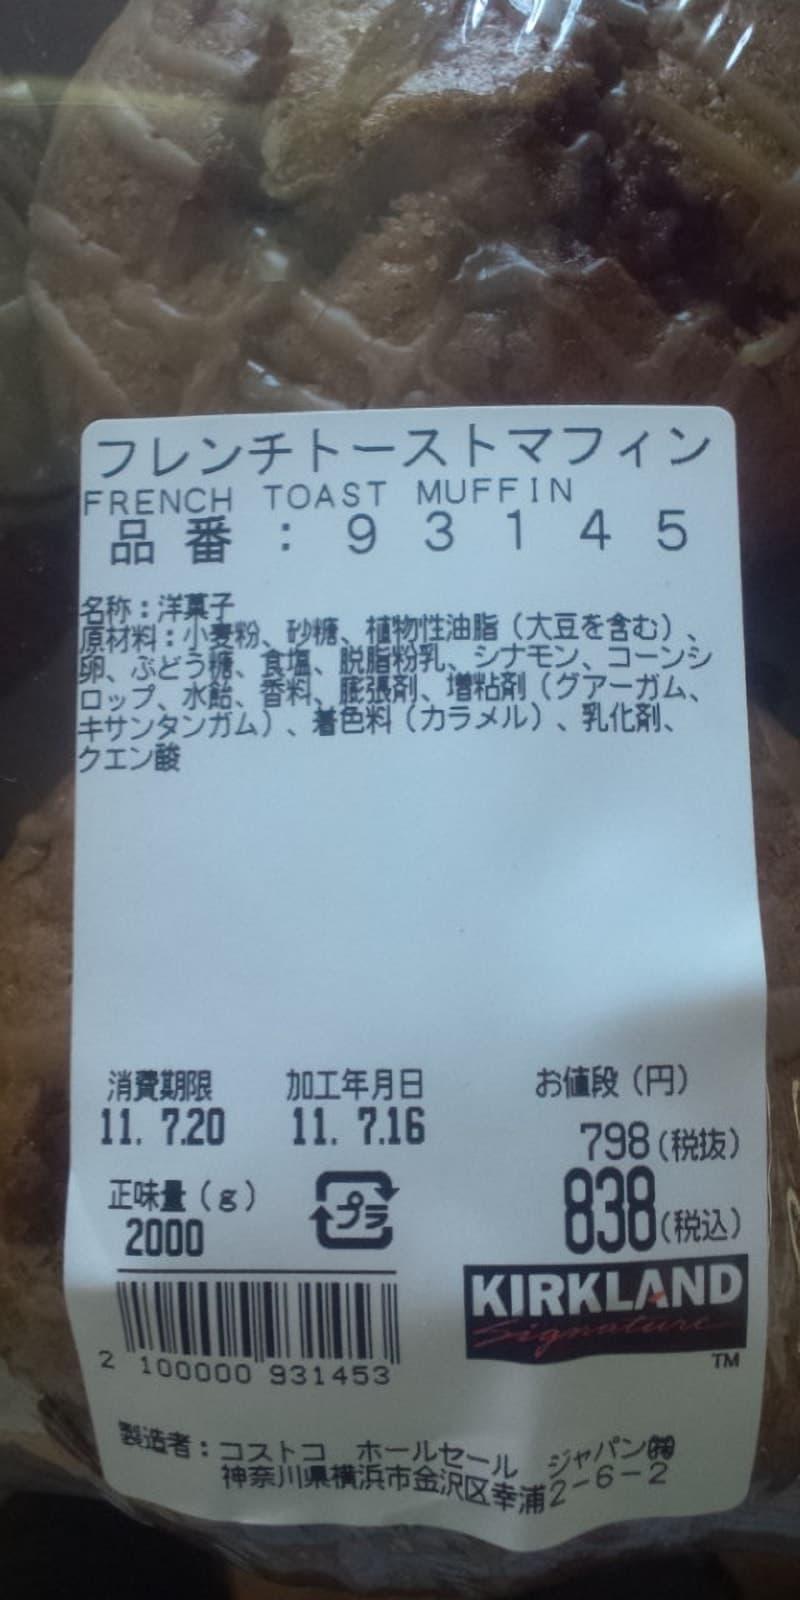 [10]が投稿したカークランド フレンチトーストマフィンの写真